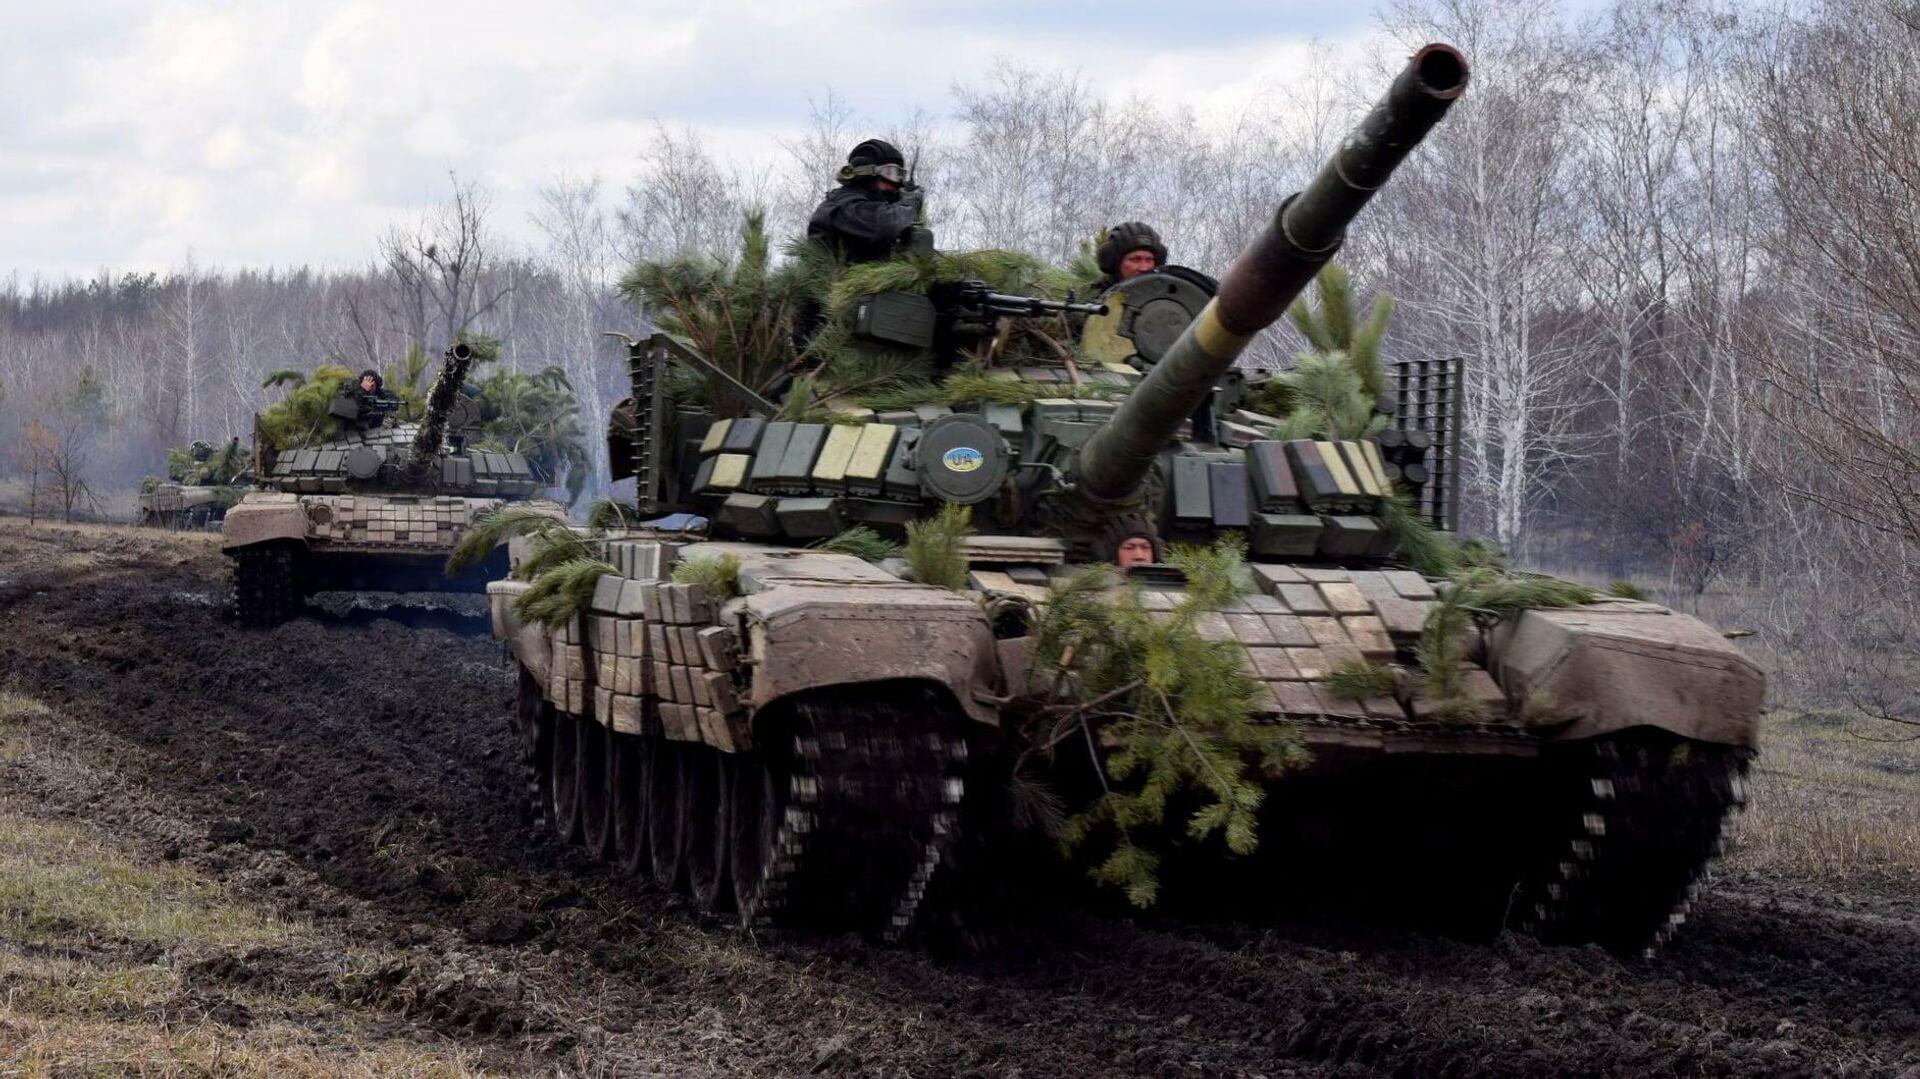 Тренировка танковых резервов вооруженных сил Украины в Луганской области - РИА Новости, 1920, 23.04.2021